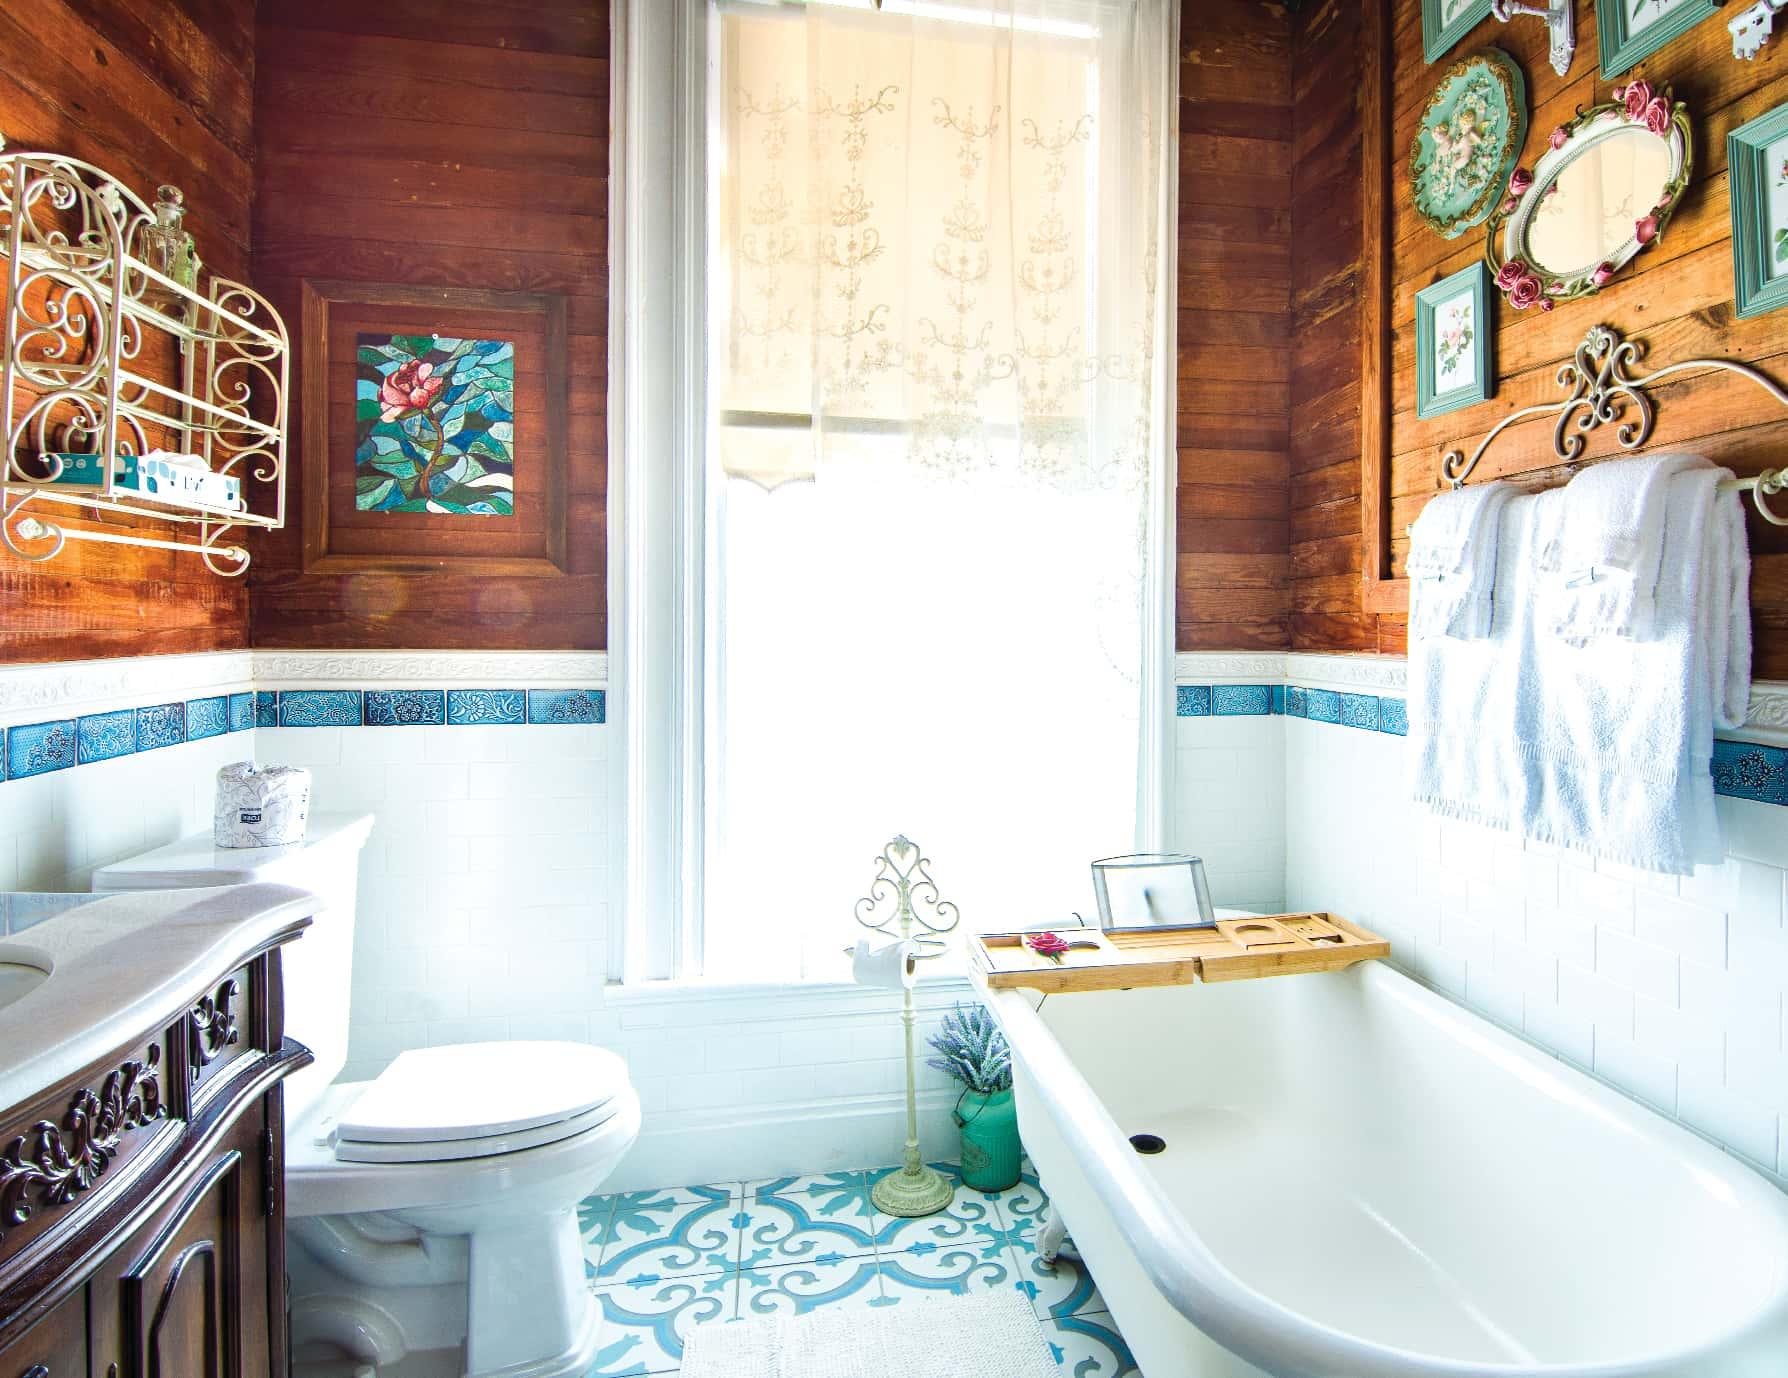 Anne Suite bath tub at our Key West, FL Inn